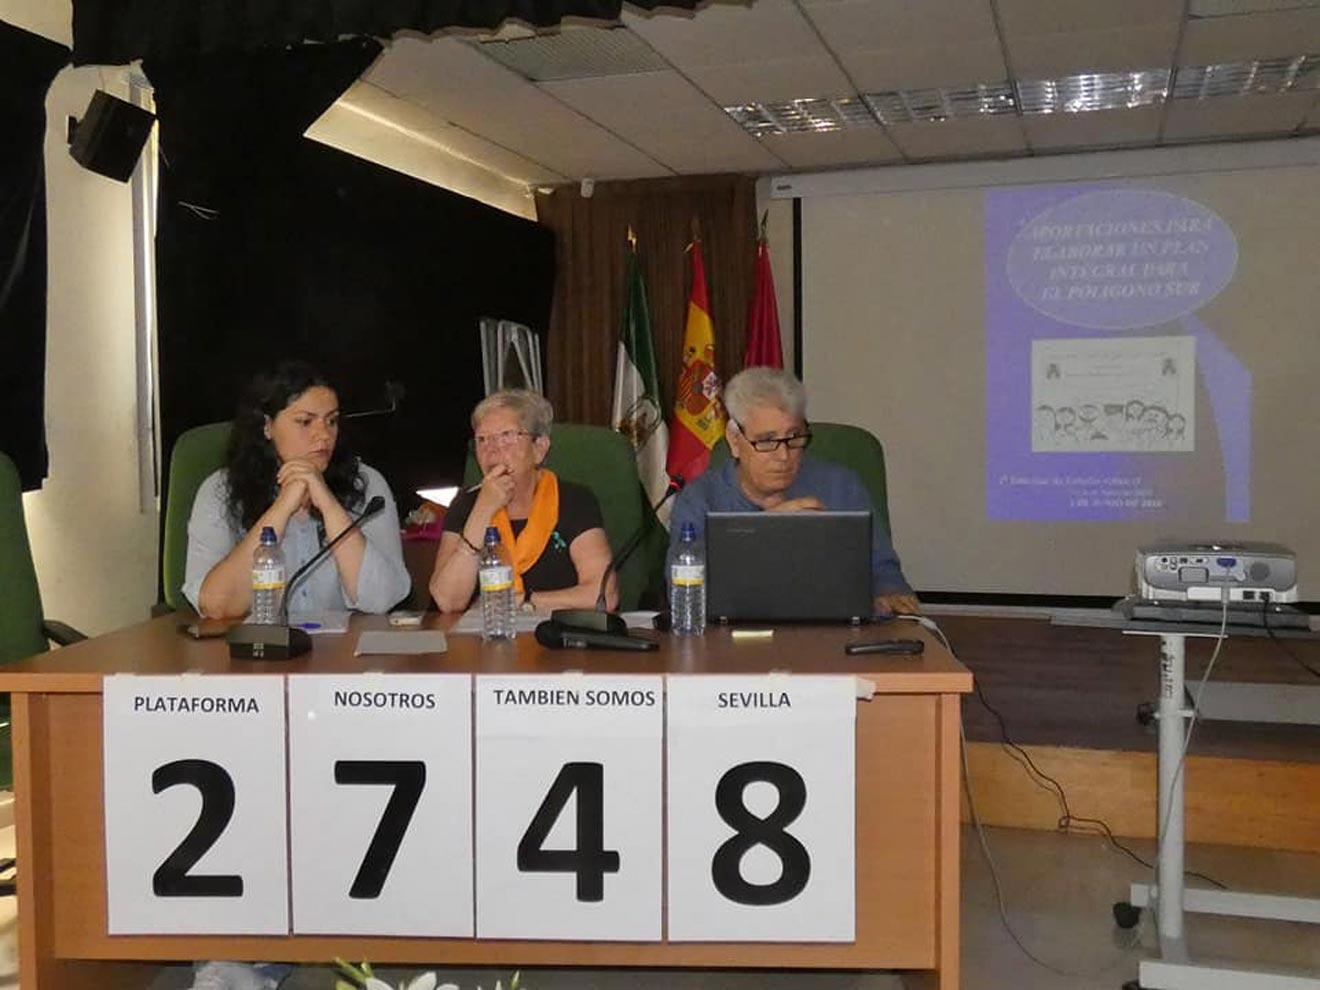 Miembros de la Plataforma en una de sus conferencias / Nosotros También Somos Sevilla